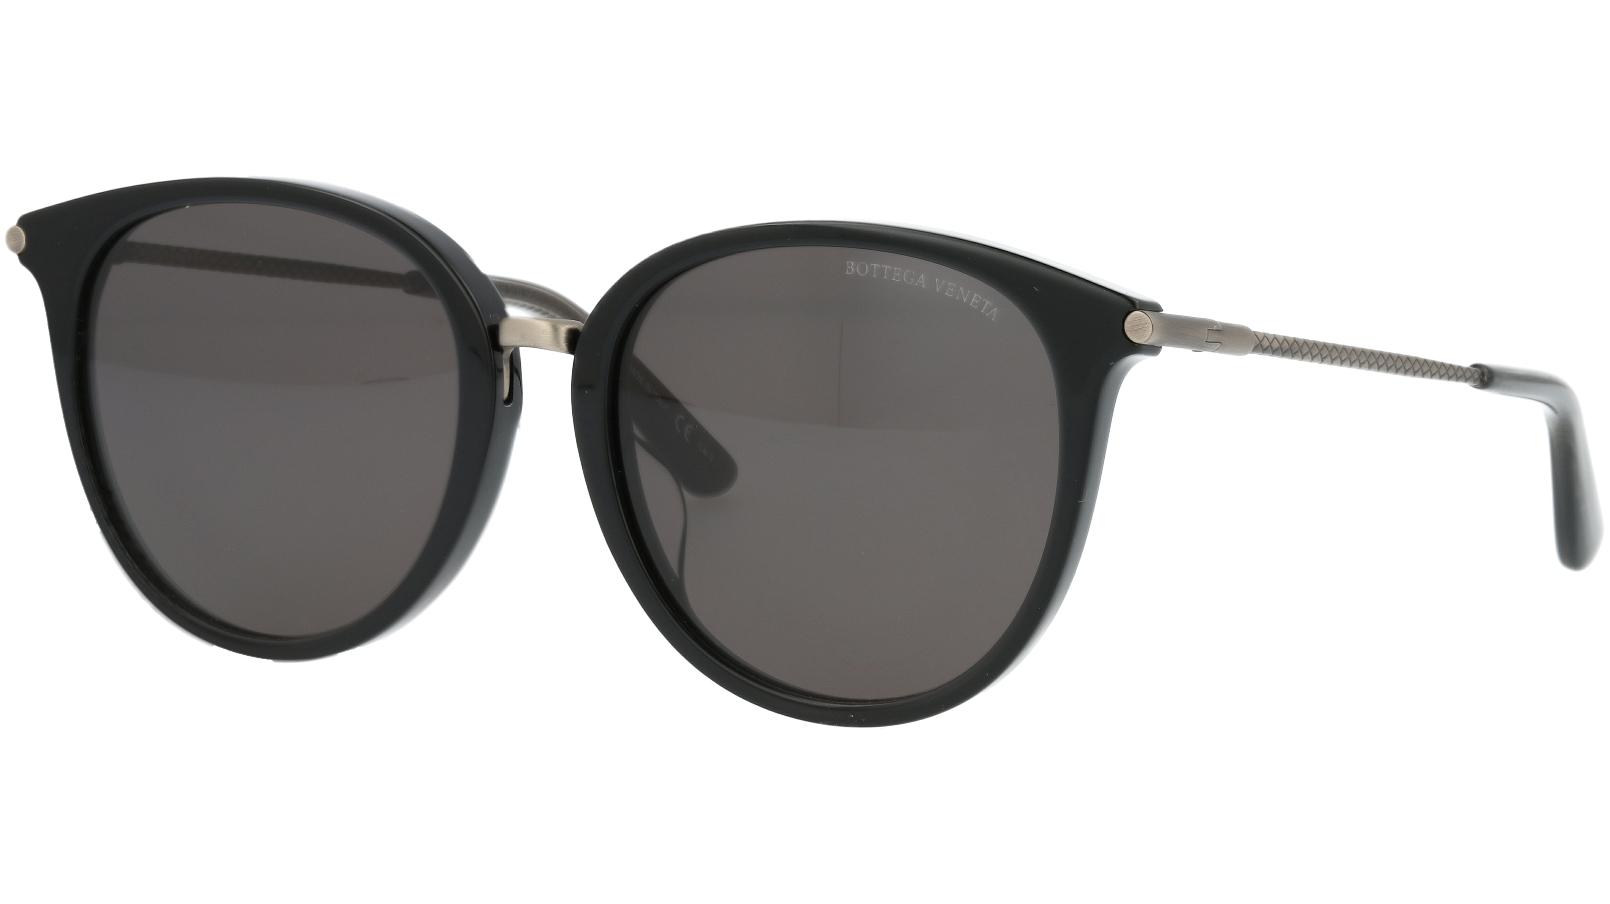 BOTTEGA VENETA BV0169SA 001 54 BLACK Sunglasses